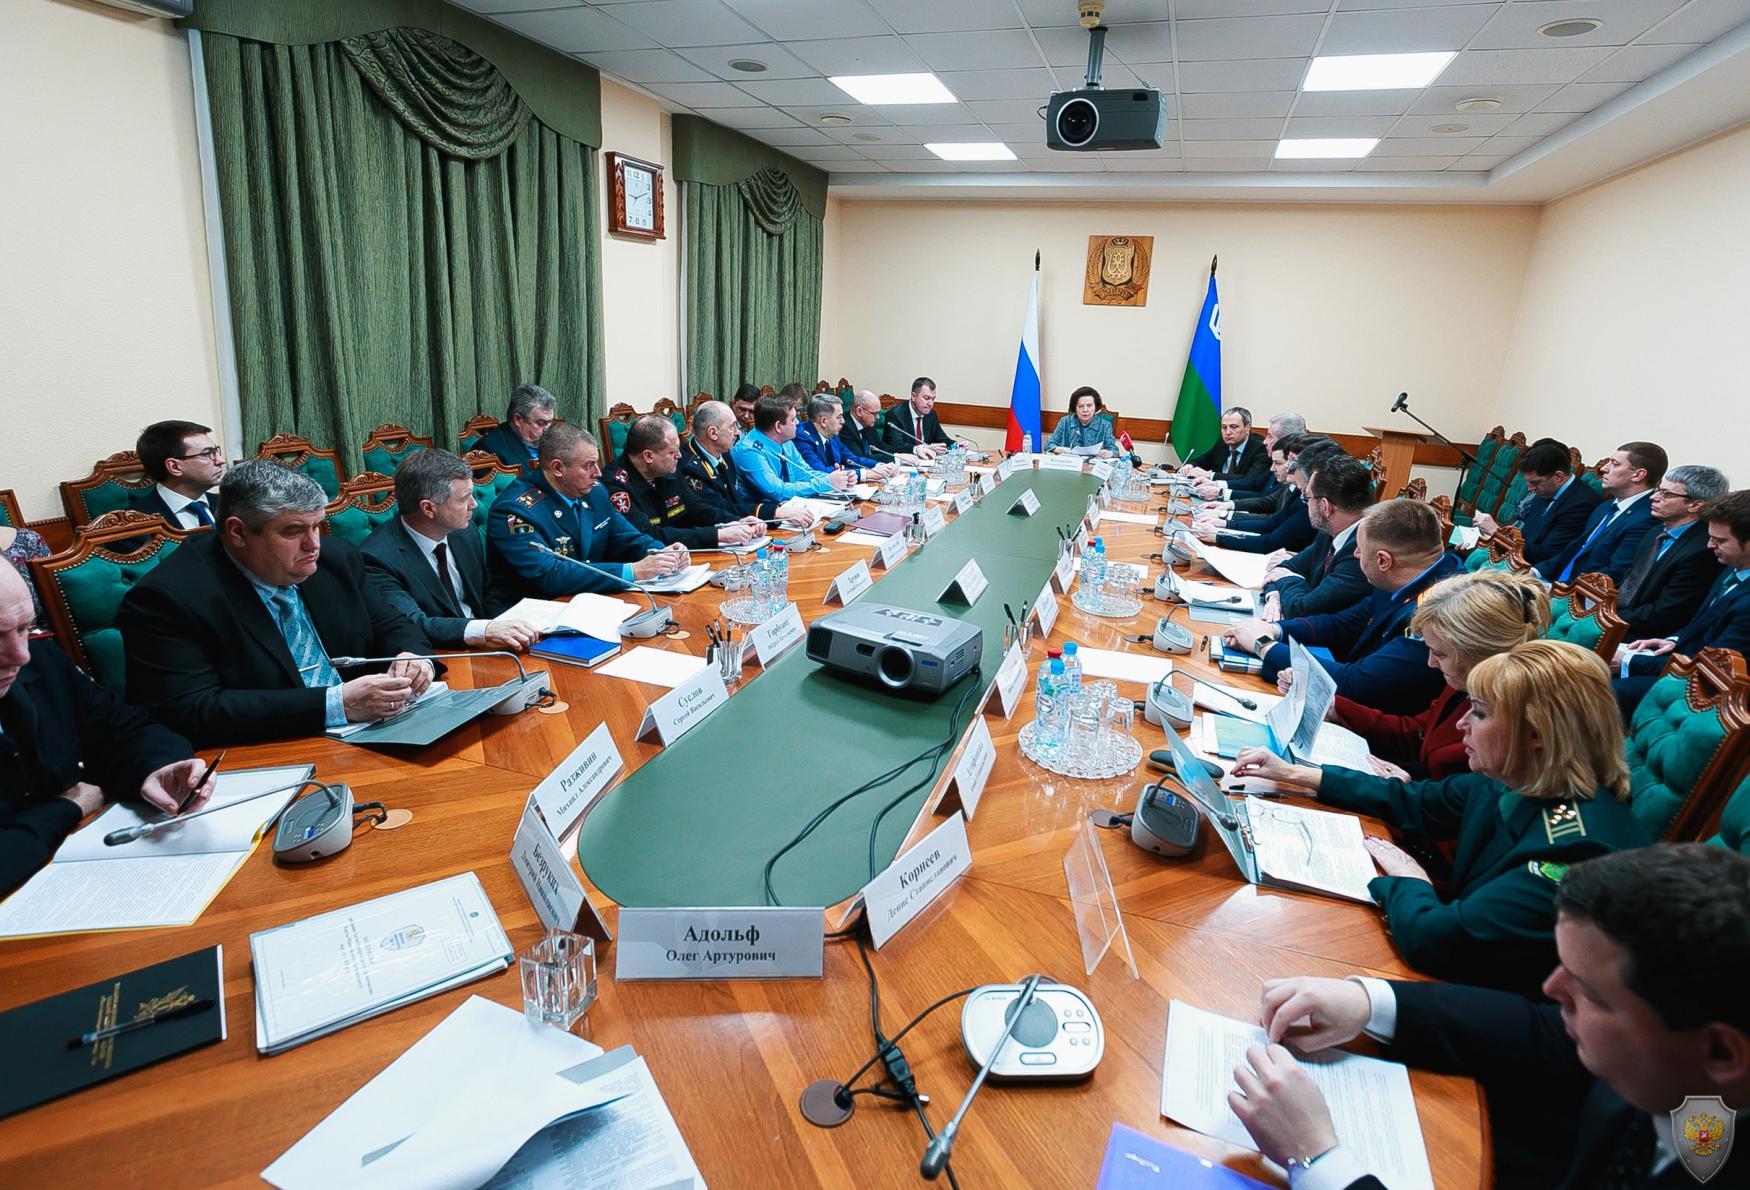 Прошло совместное заседание Антитеррористической комиссии, Оперативного штаба и постоянно действующего Координационного совещания по обеспечению правопорядка в автономном округе